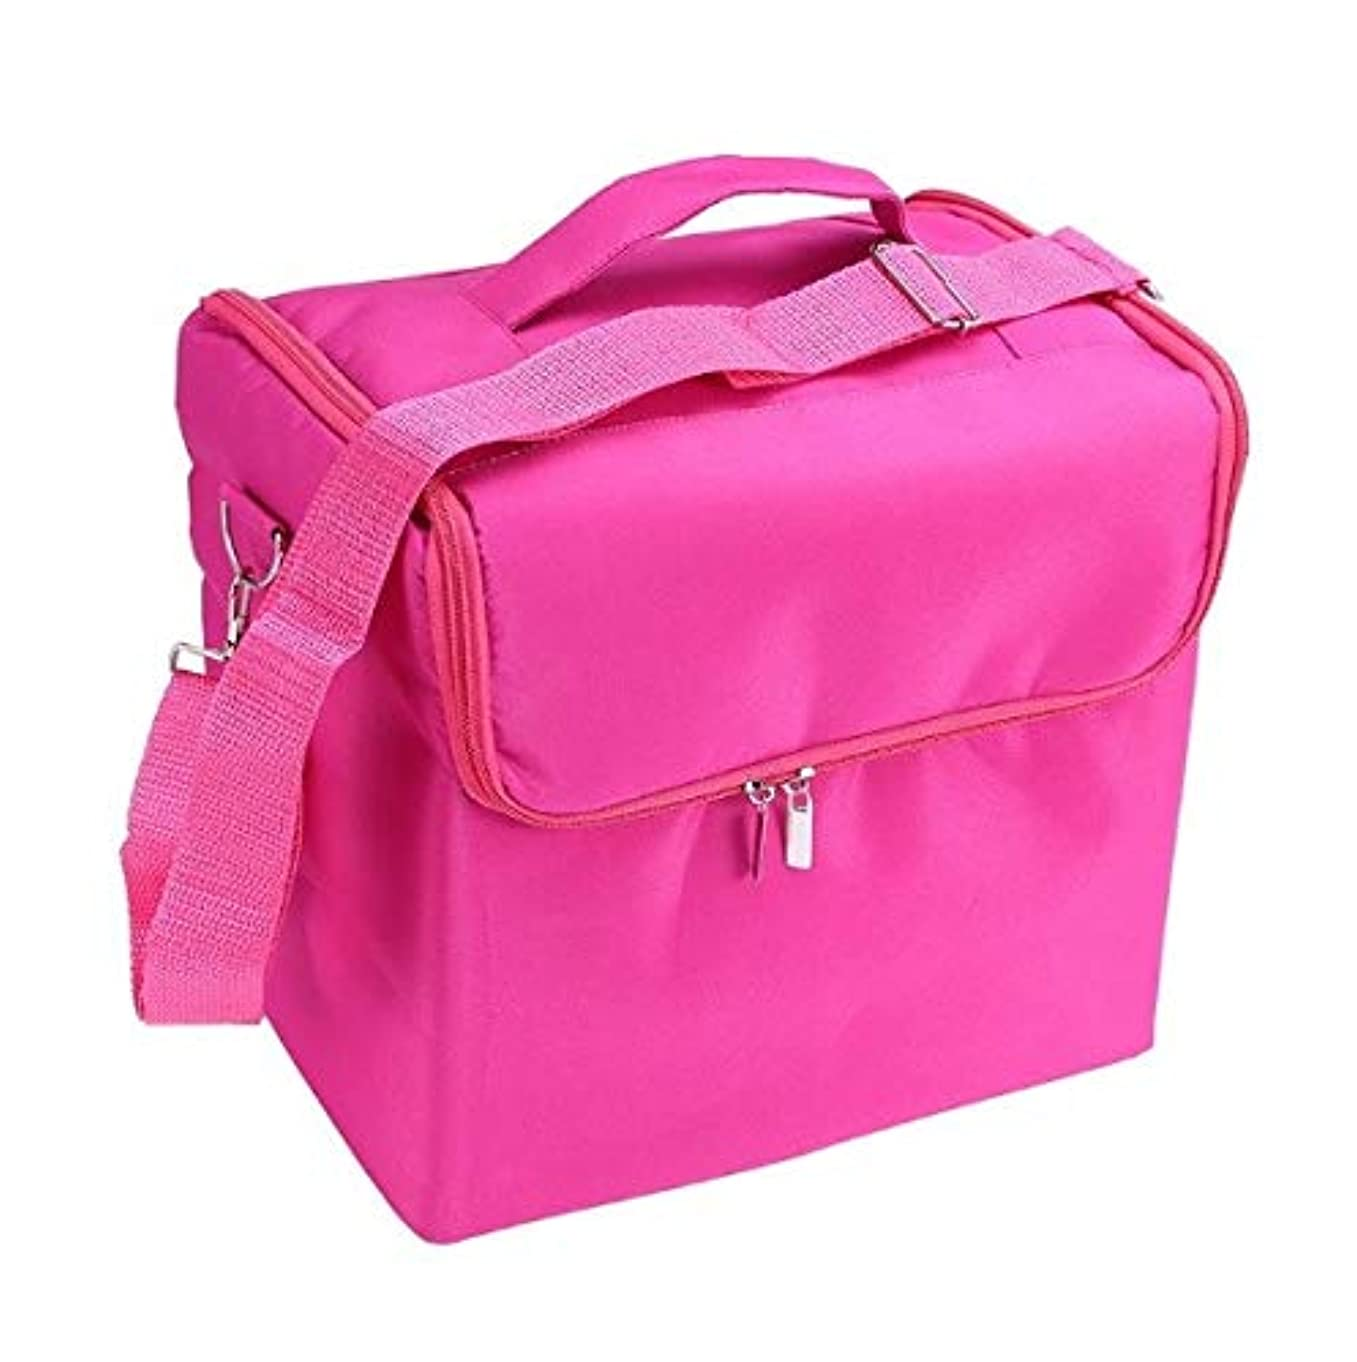 魅了する無限アクセスできない化粧品ケース、ローズレッド多層化粧品バッグ、ポータブル旅行多機能化粧品ケース、美容ネイルジュエリー収納ボックス